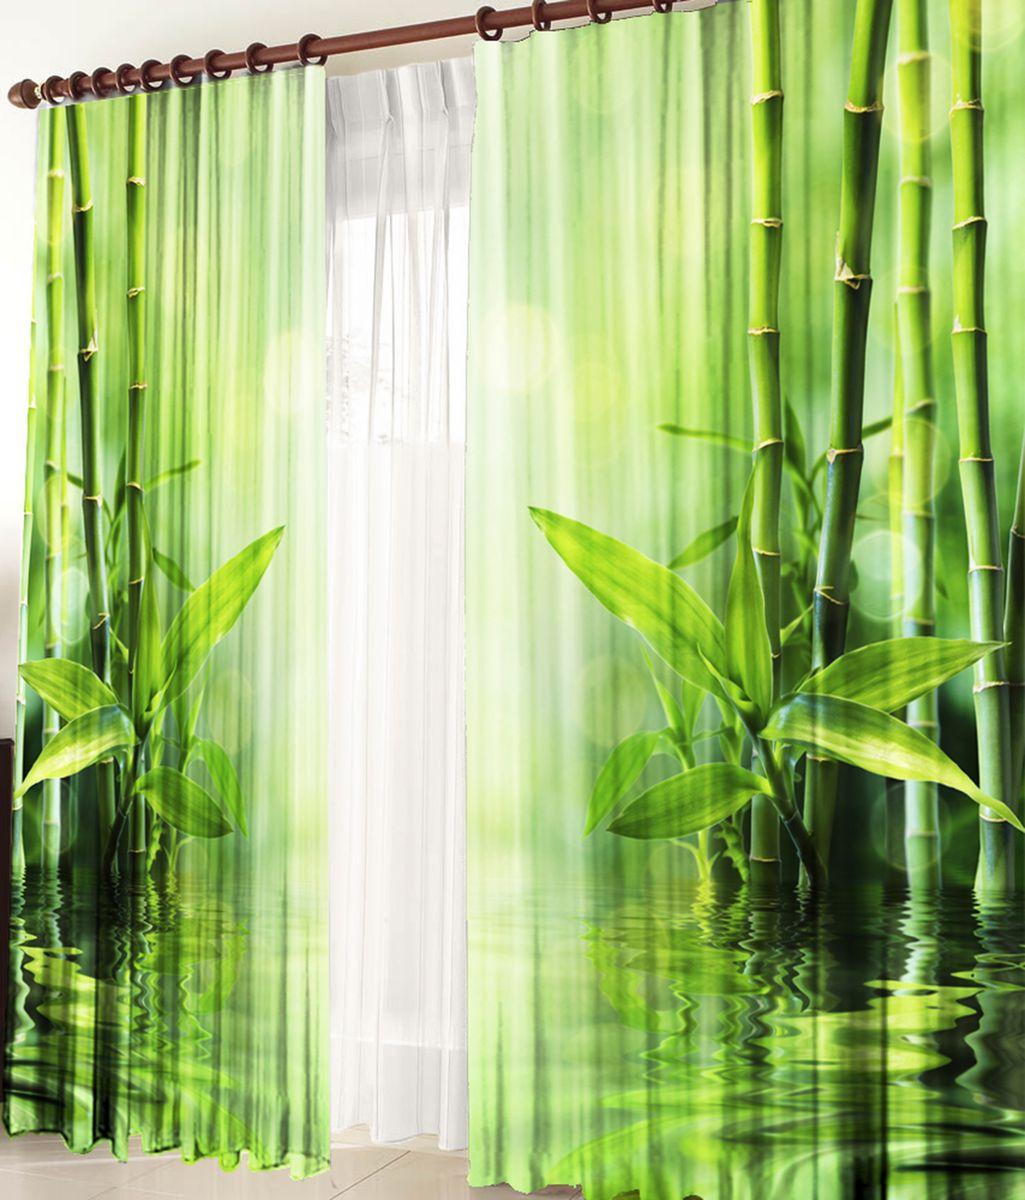 Комплект фотоштор Zlata Korunka Тростник, на ленте, высота 270 см21237Для производства используется габардиновая ткань высочайшего качества. Фотошторы способны не пропускать самый яркий свет, их можно гладить и стирать. Уход: Бережная стирка при 30 градусах, деликатный отжим, отбеливание запрещено, гладить при t не более 150С. Светопоглощение 70%. Плотность ткани - 150 г/м2. Размер: шир. 150 х выс.270.х2 . Оттенок изделия может отличаться от представленного на сайте в силу особенностей цветопередачи фототехники и Вашего монитора.